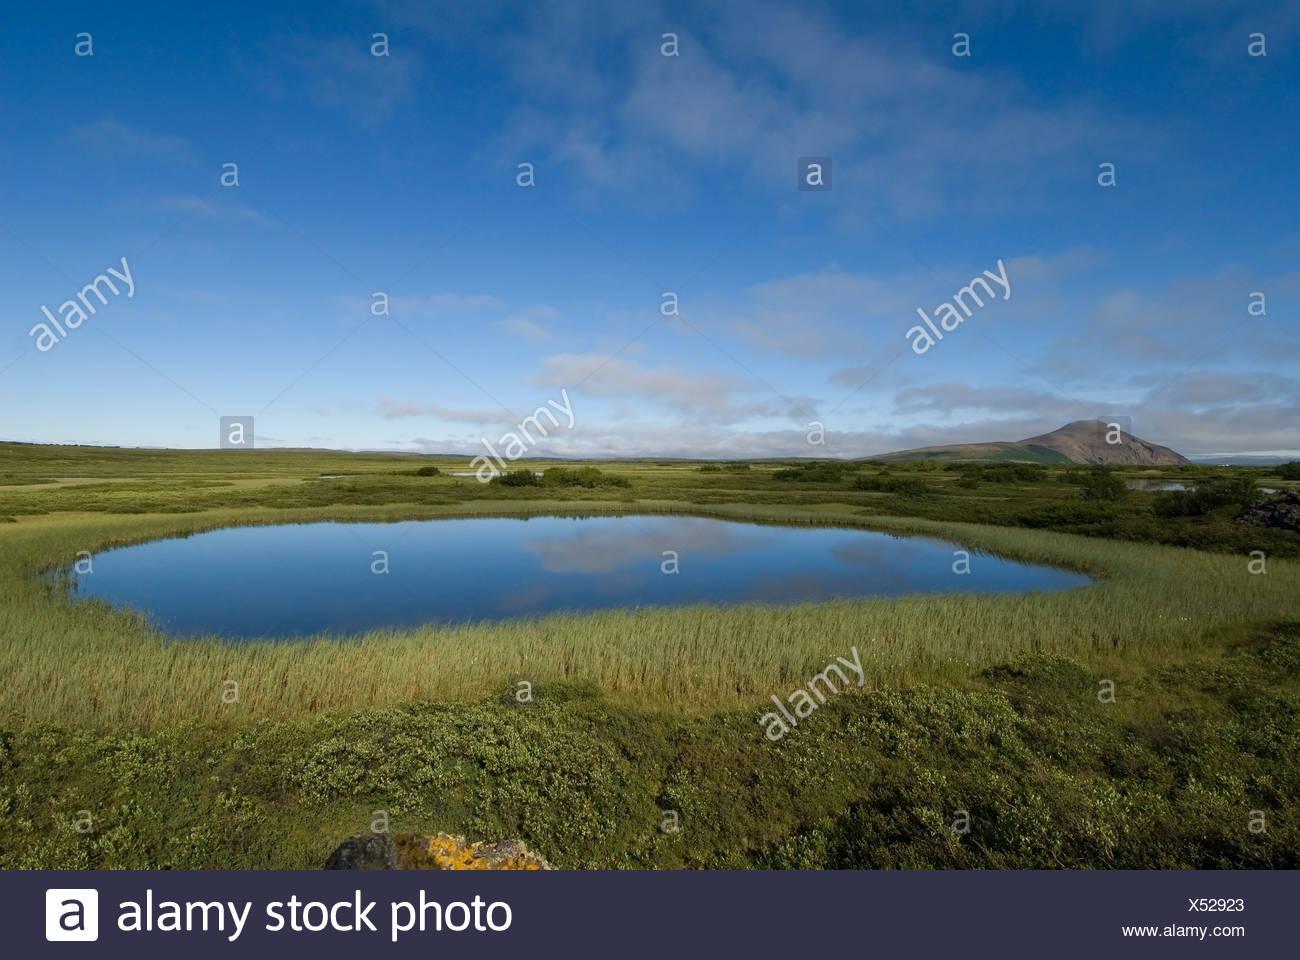 Hoogveenlandschap bij Myvatn op IJsland;Upland moor near Myvatn on Iceland - Stock Image